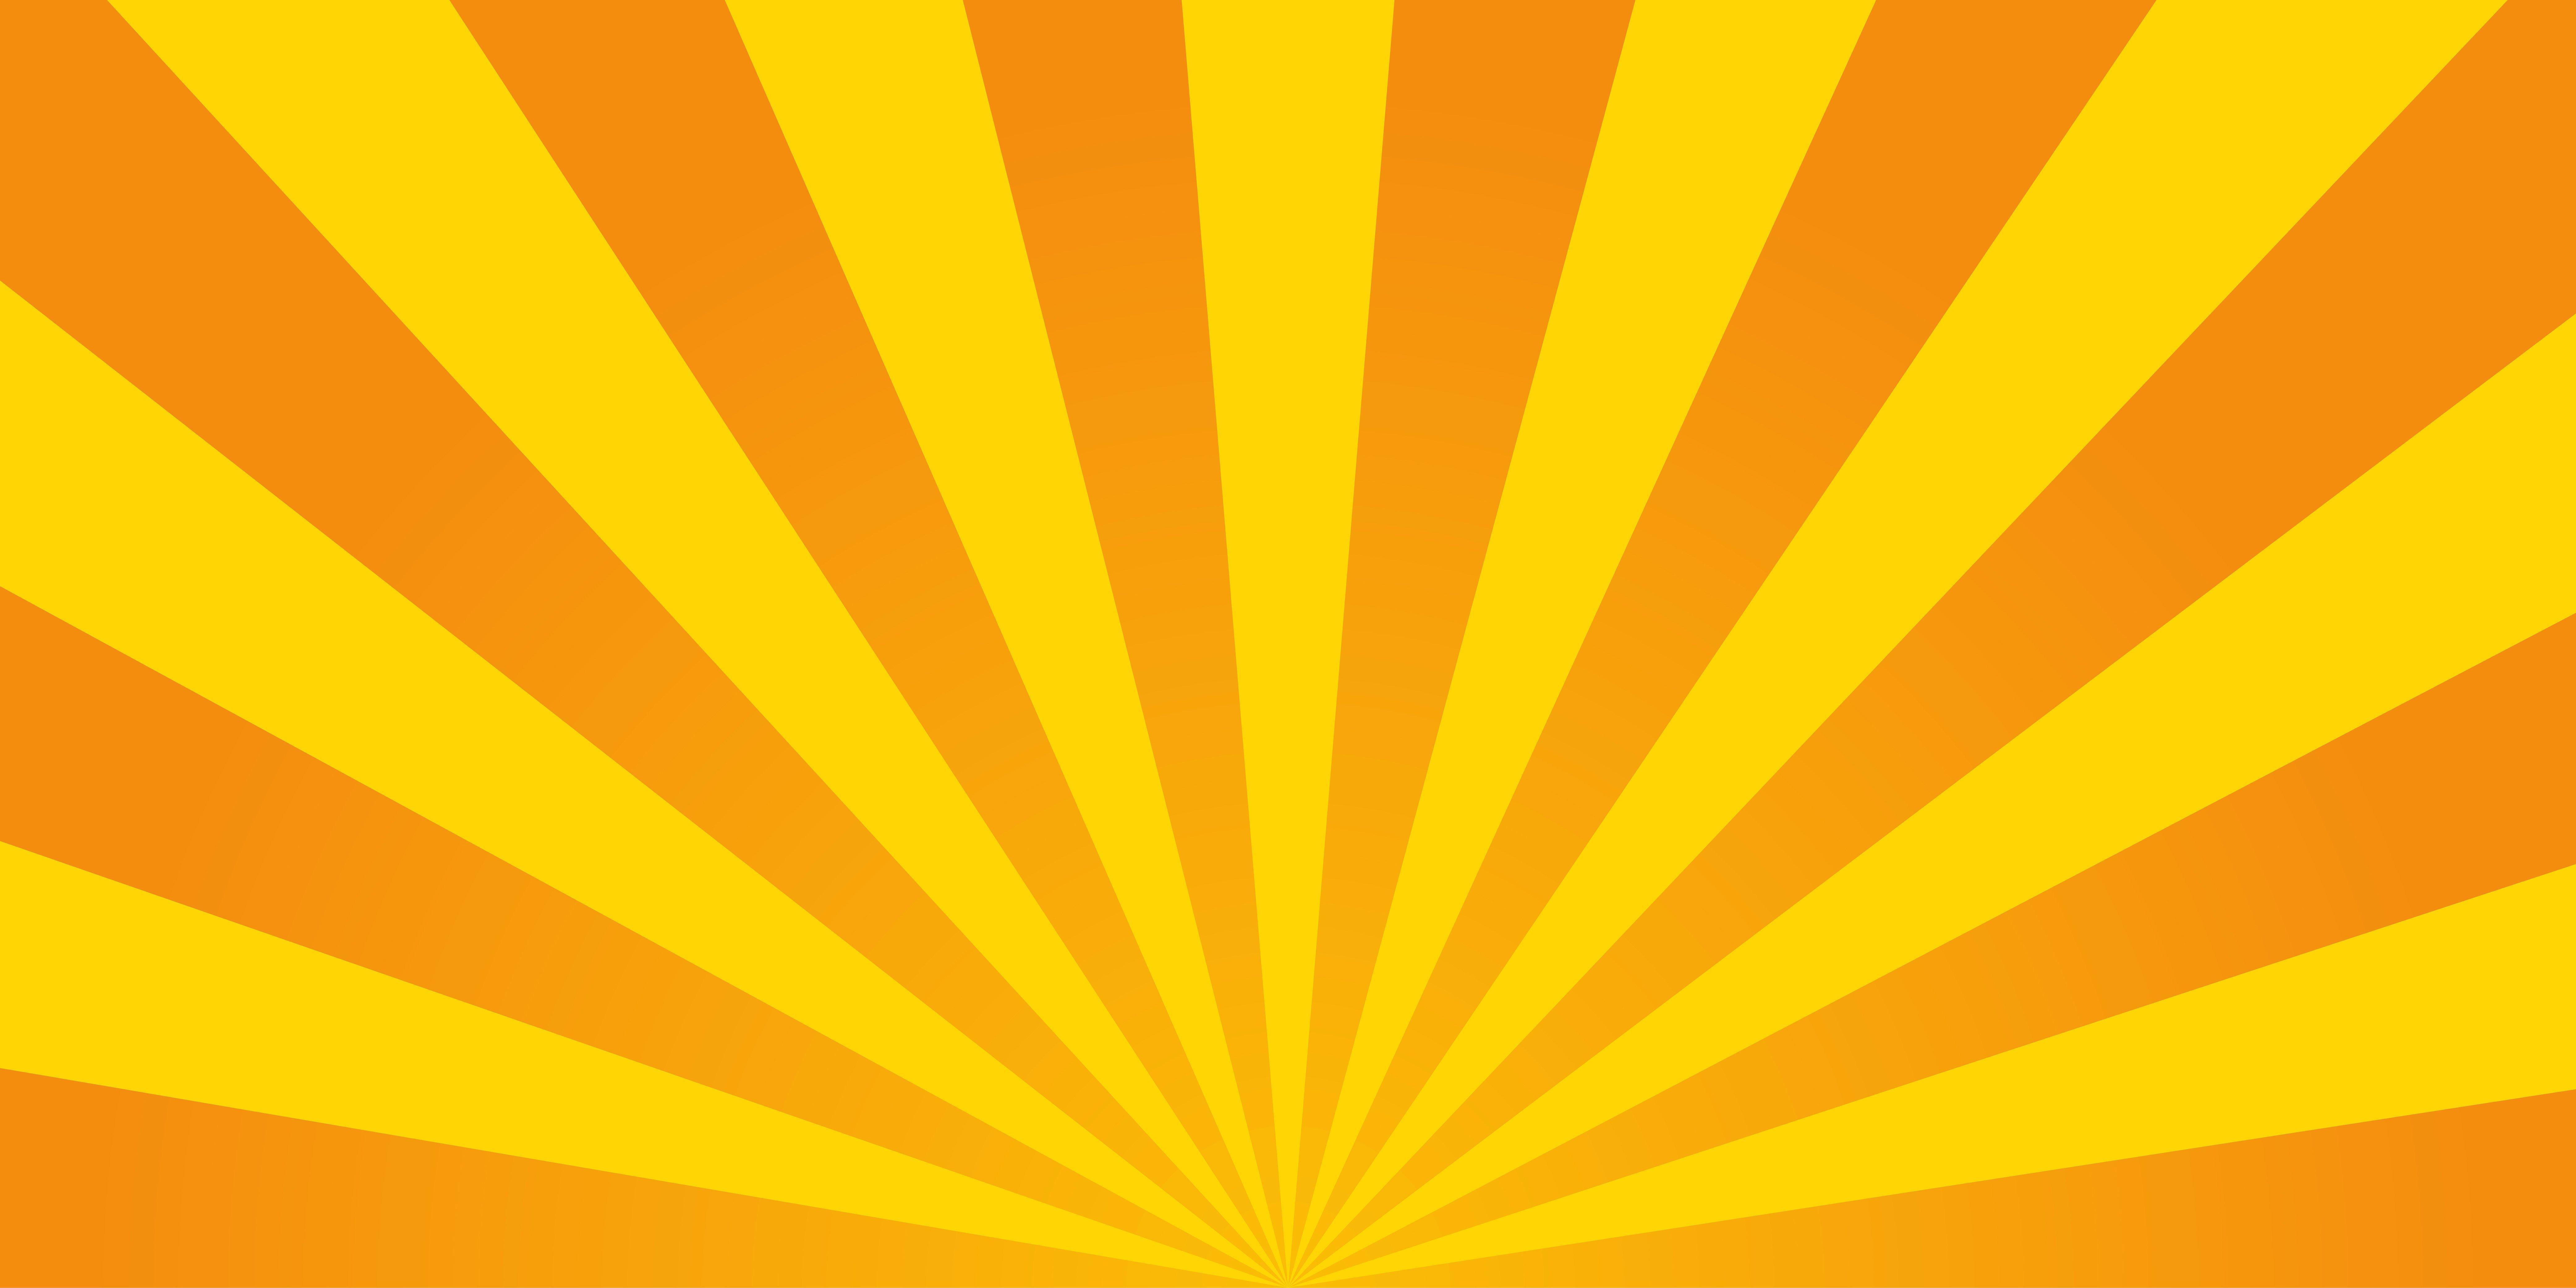 Retro ray orange background ~ Illustrations ~ Creative Market